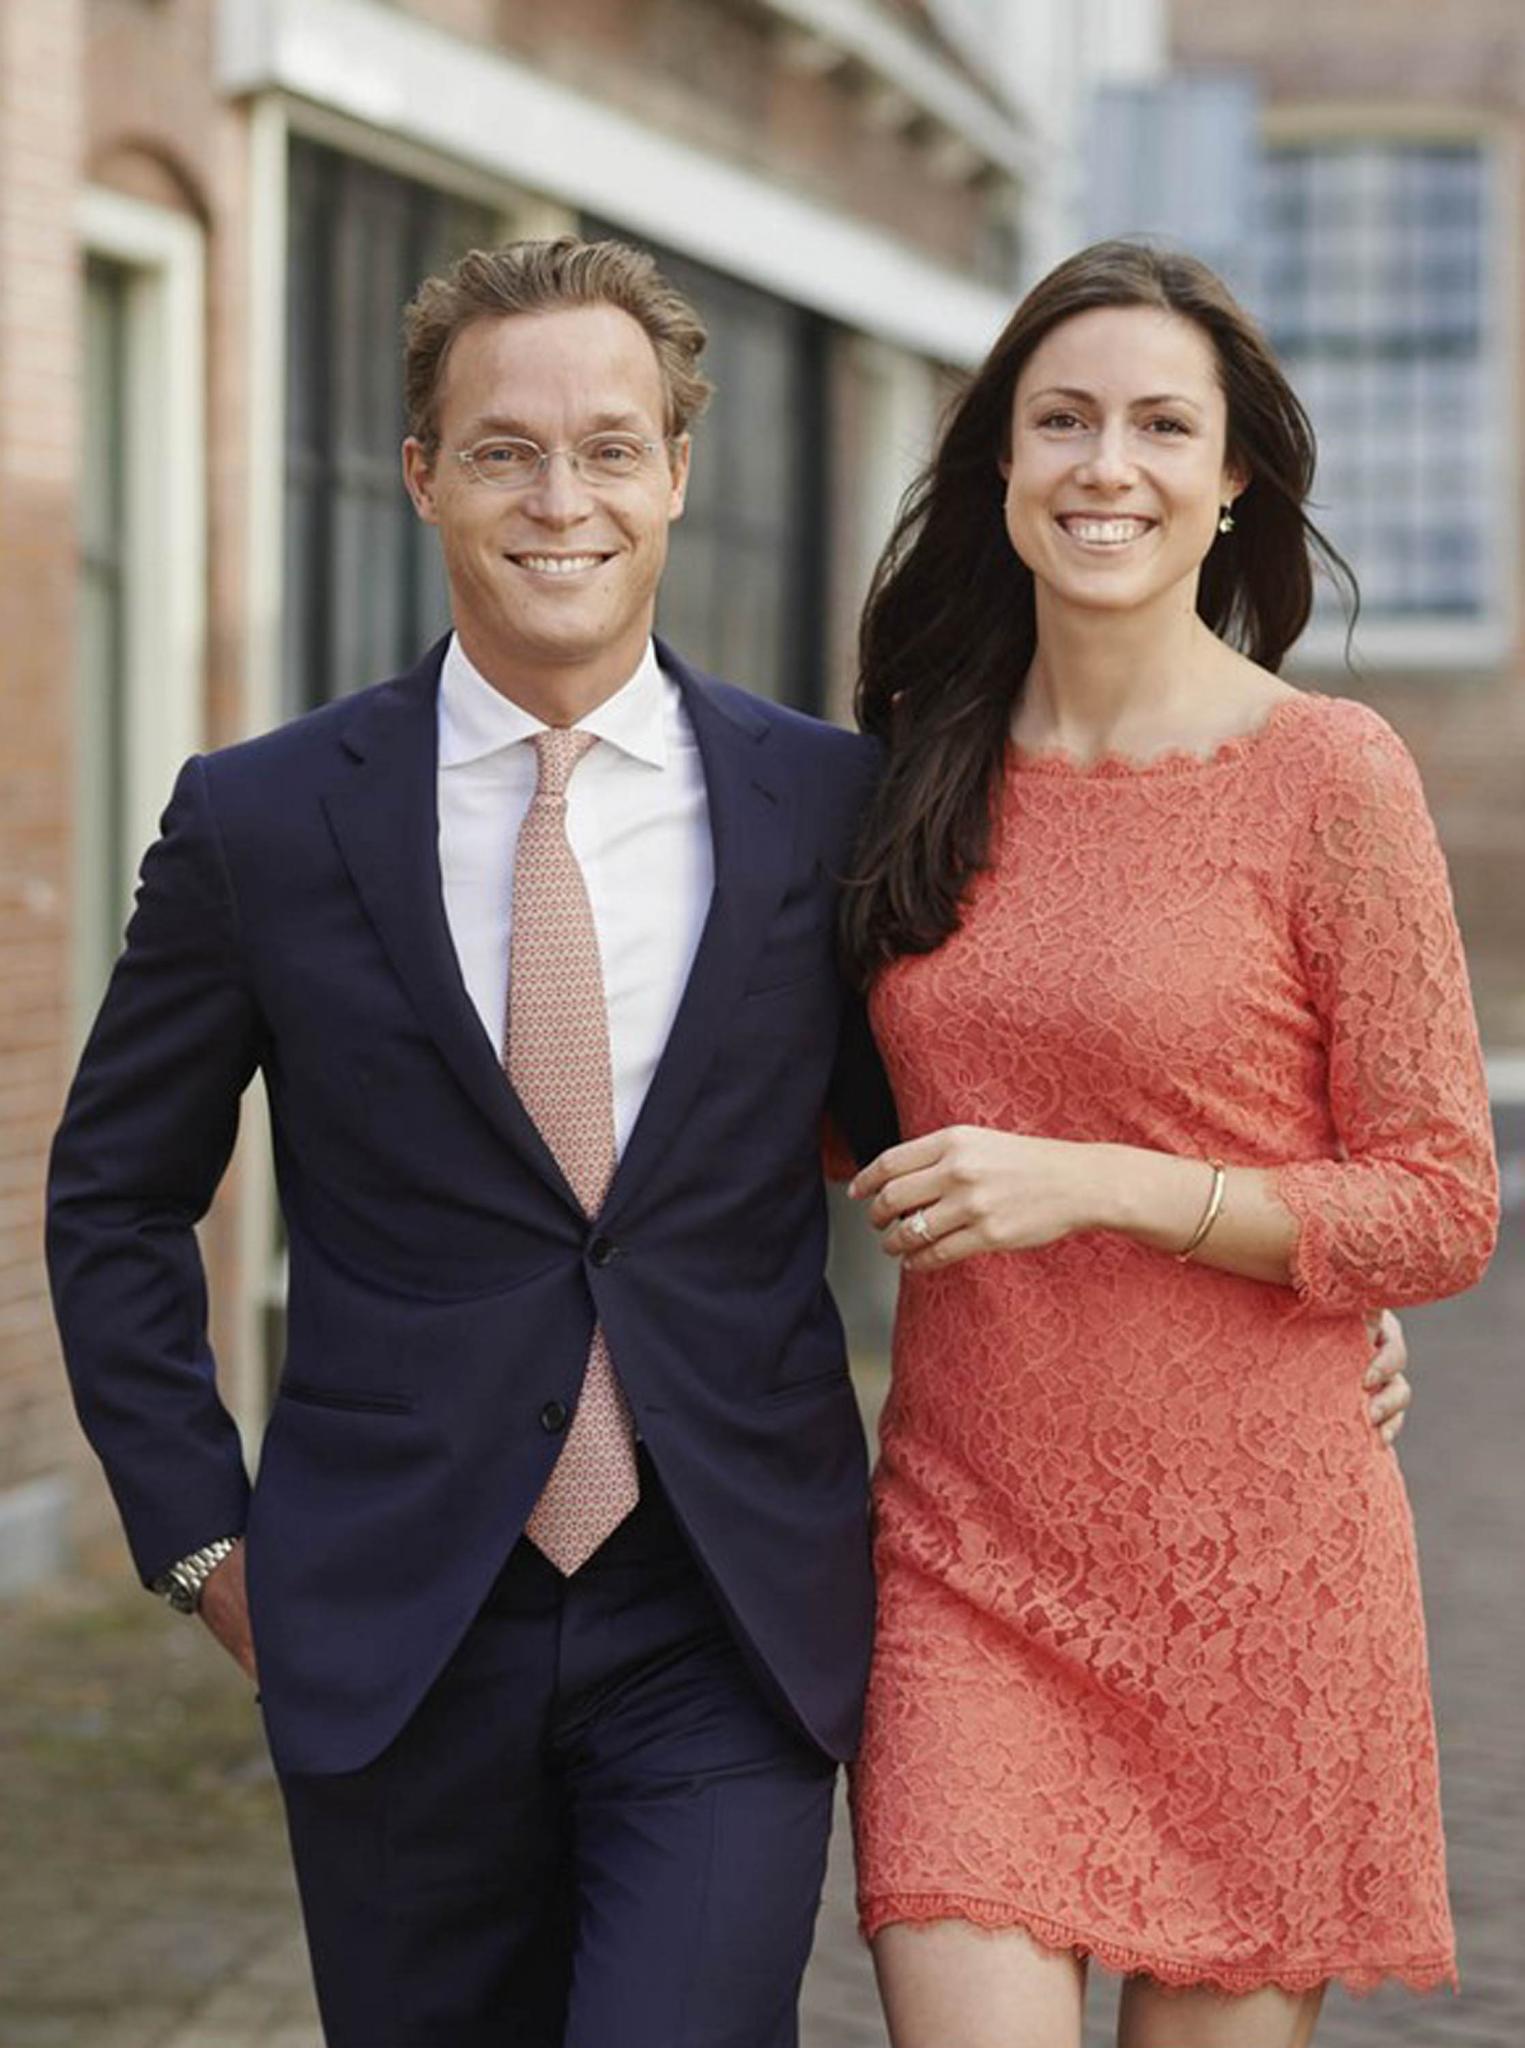 Prinz Jaime von Bourbon-Parma und seine Verlobte Viktória Cservenyák